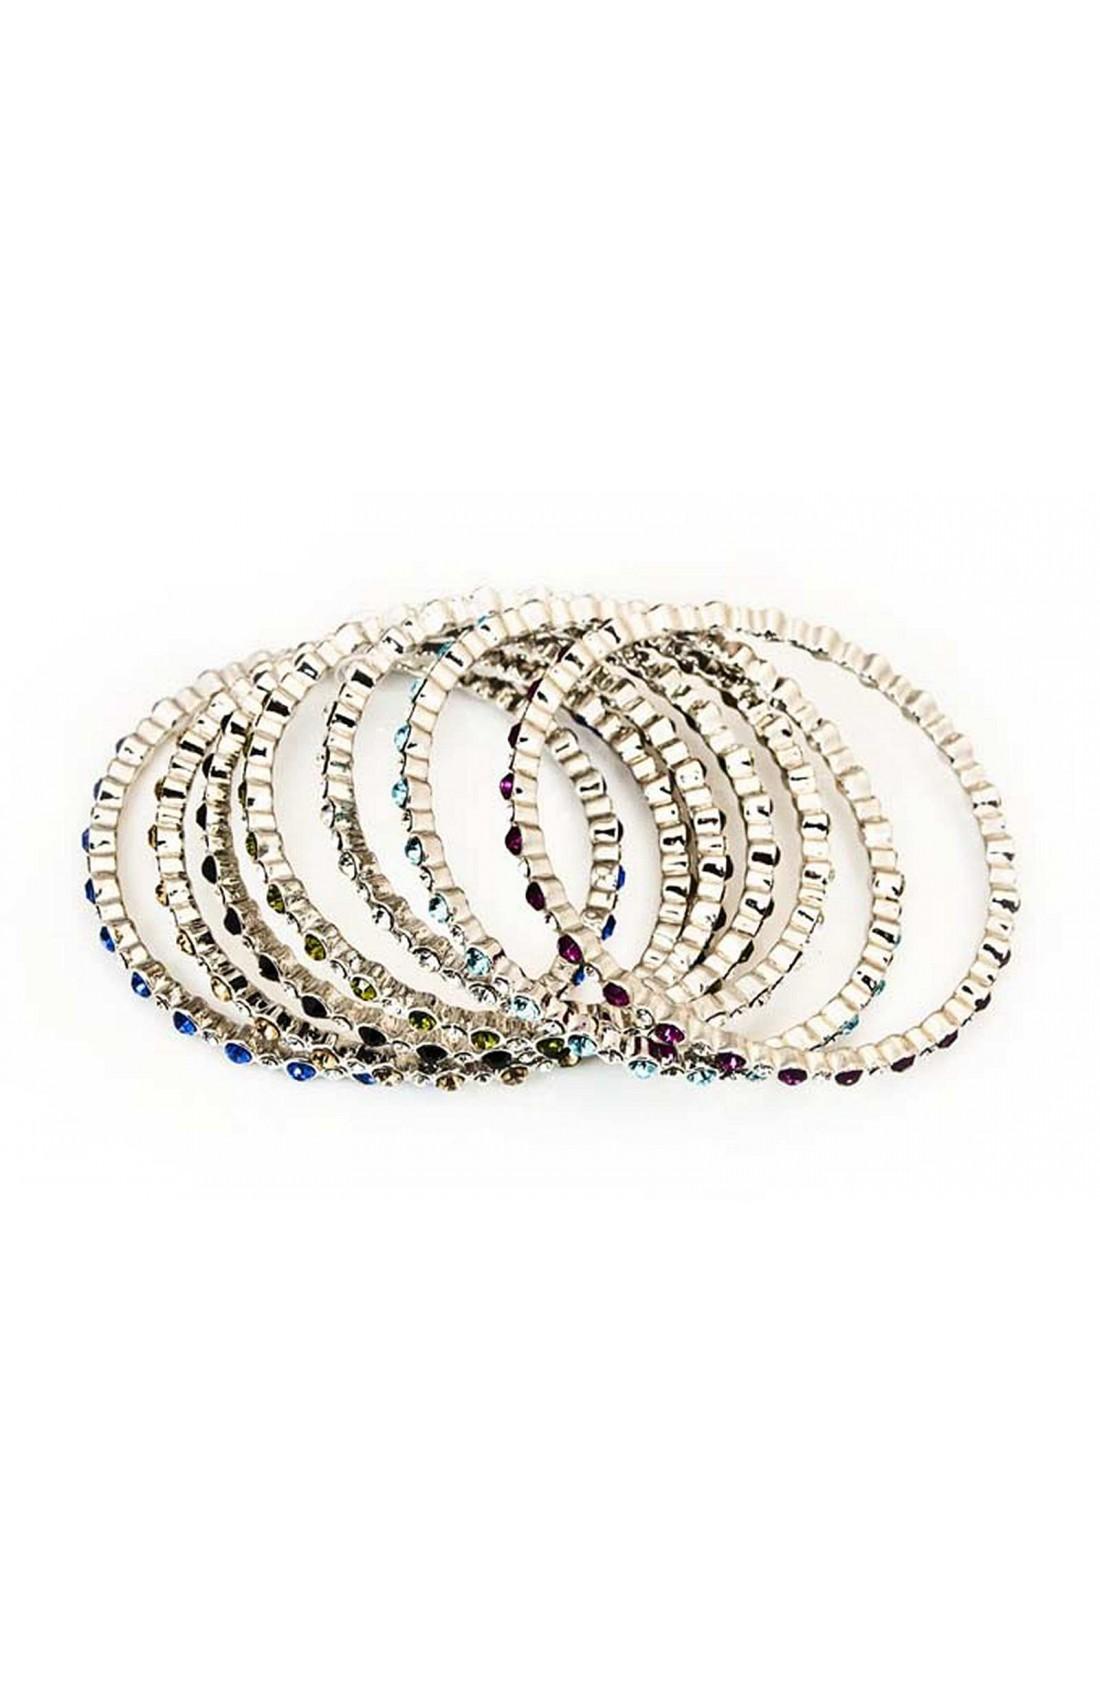 Rhinestone Bollywood bangles Indian bracelets